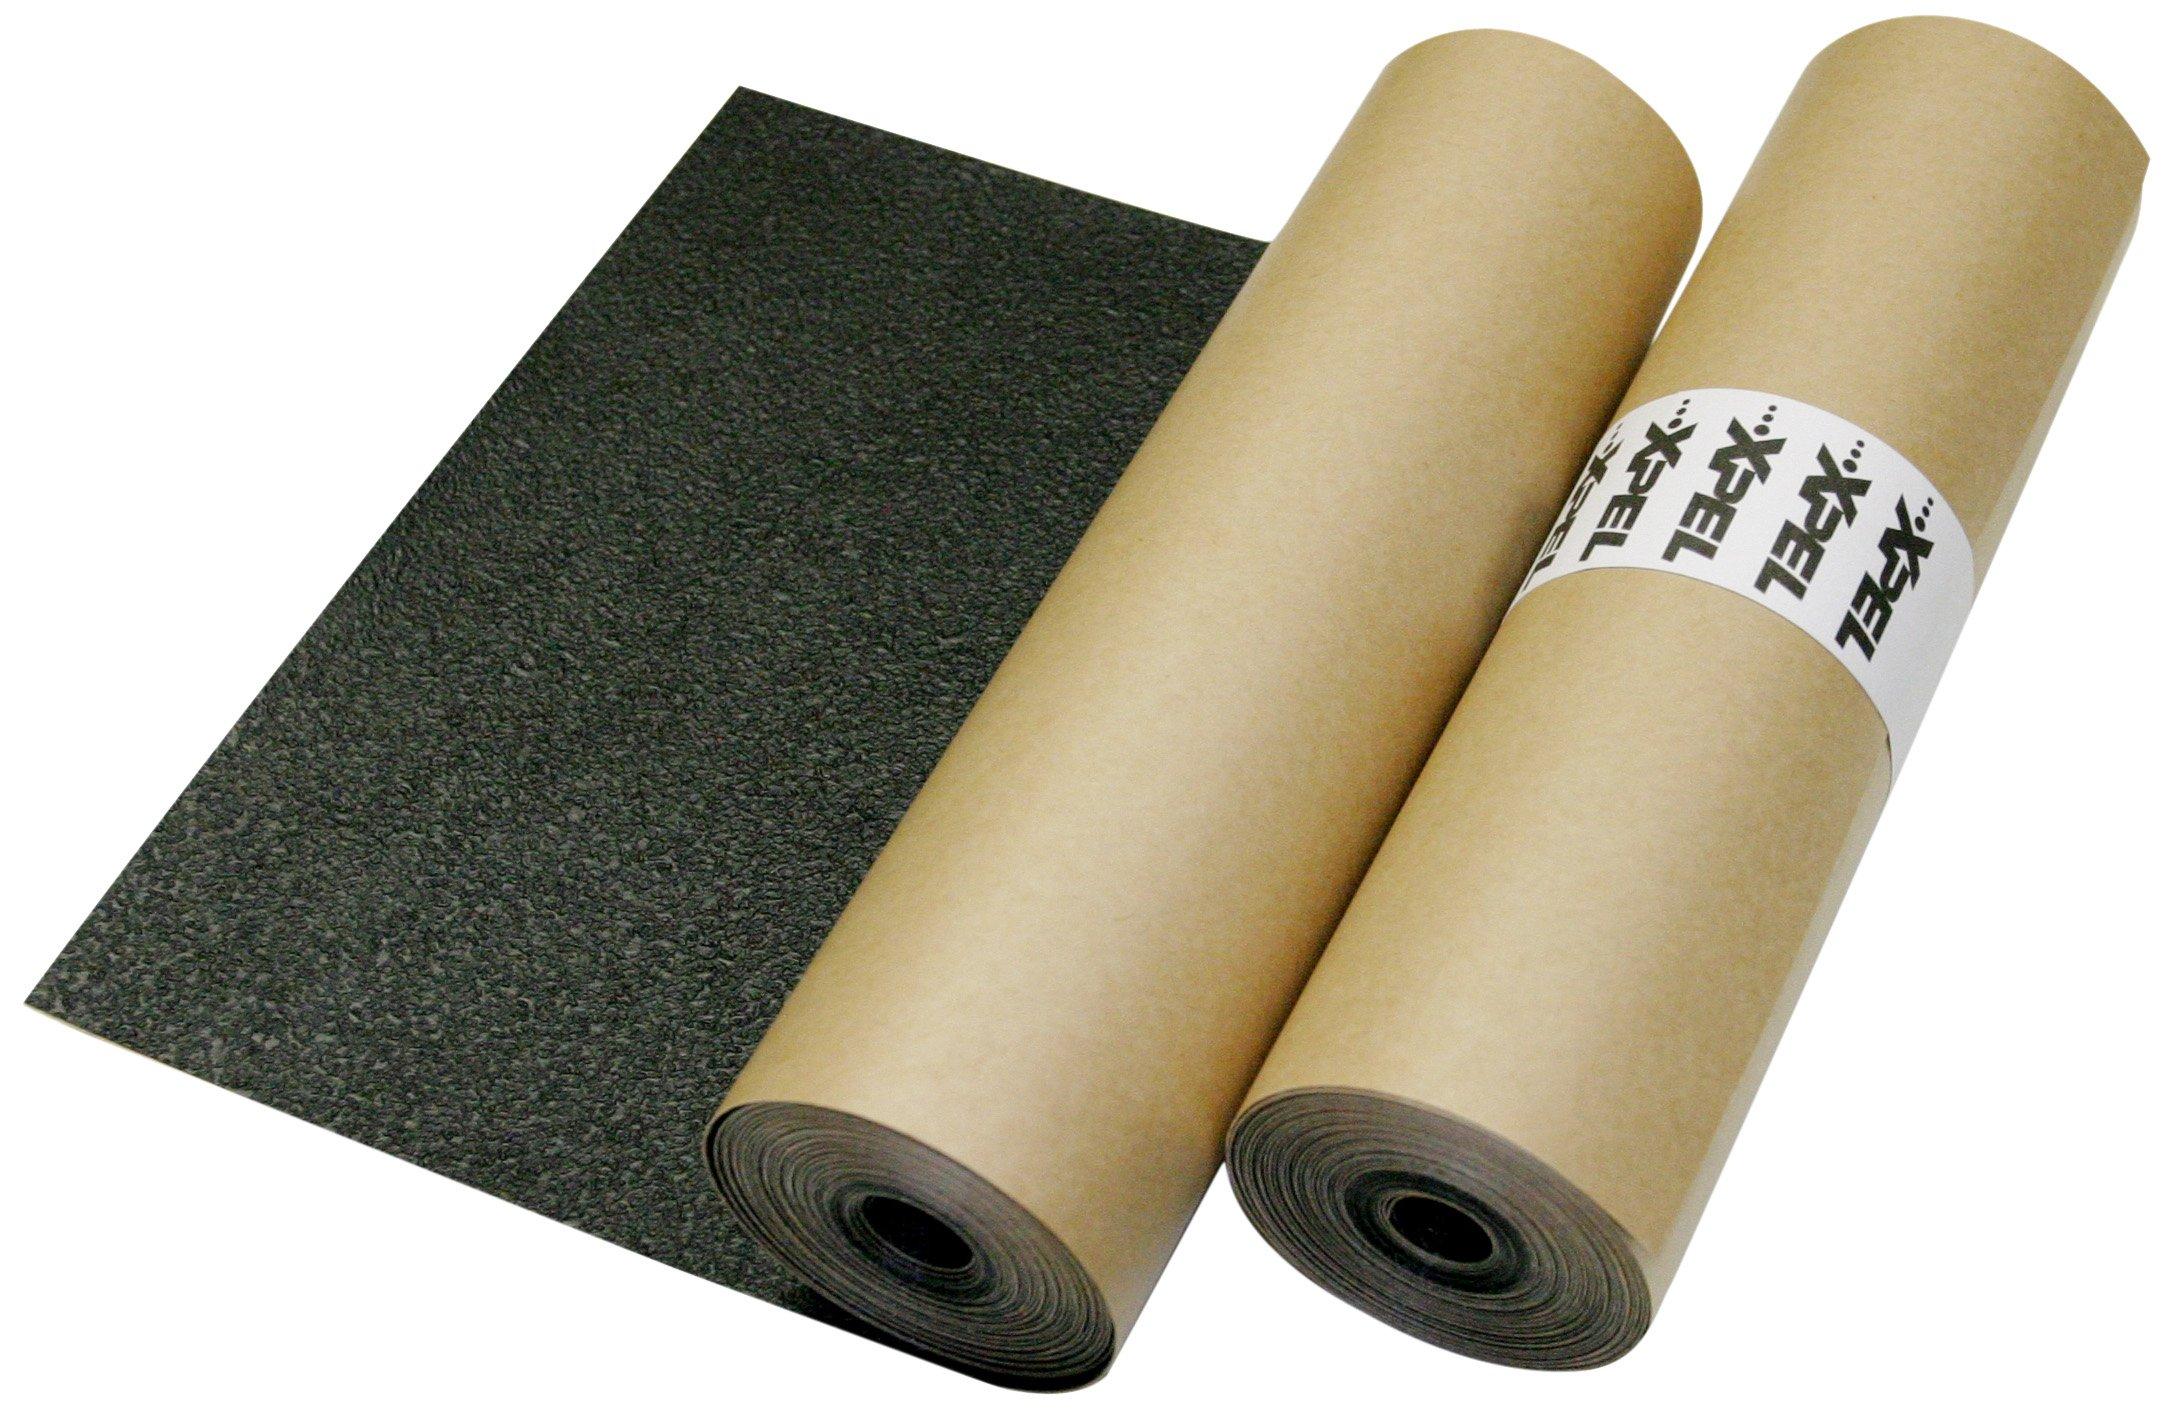 XPEL Black Universal Rocker Panel Guard (9'' x 30') Paint Protection Film Kit (R3028-1)